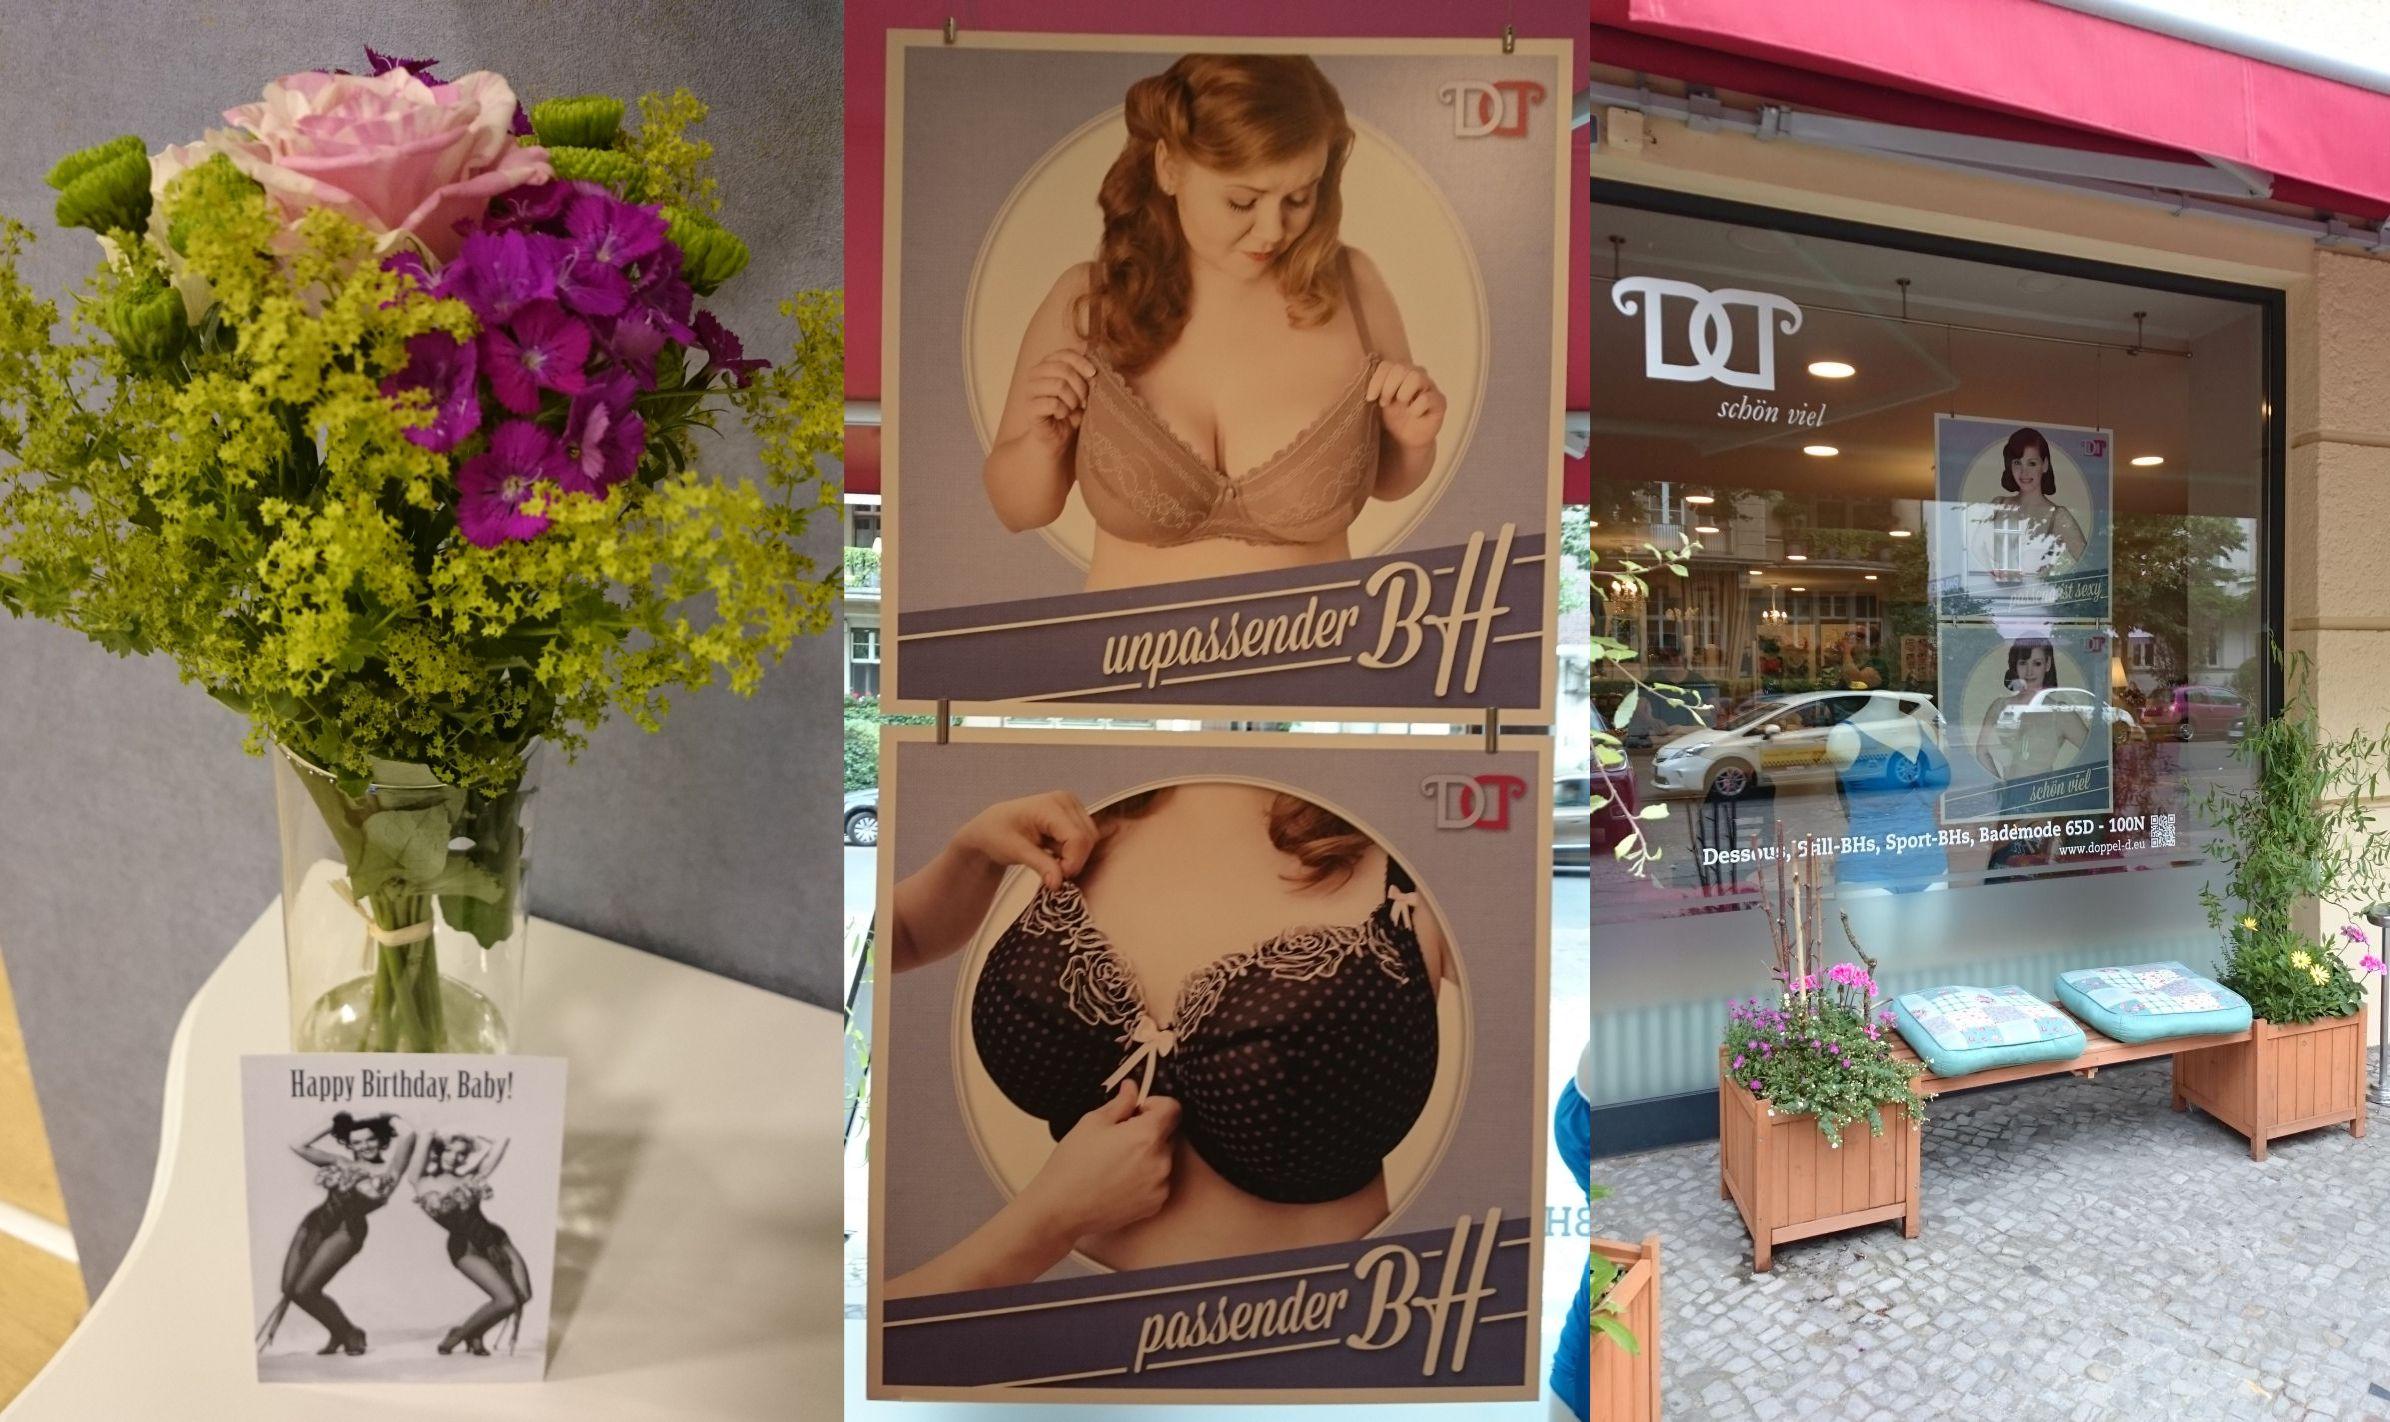 Beitragsbild_1 Jahr Doppel D Berlin-Charlottenburg - Besuch Everyday Boudoir